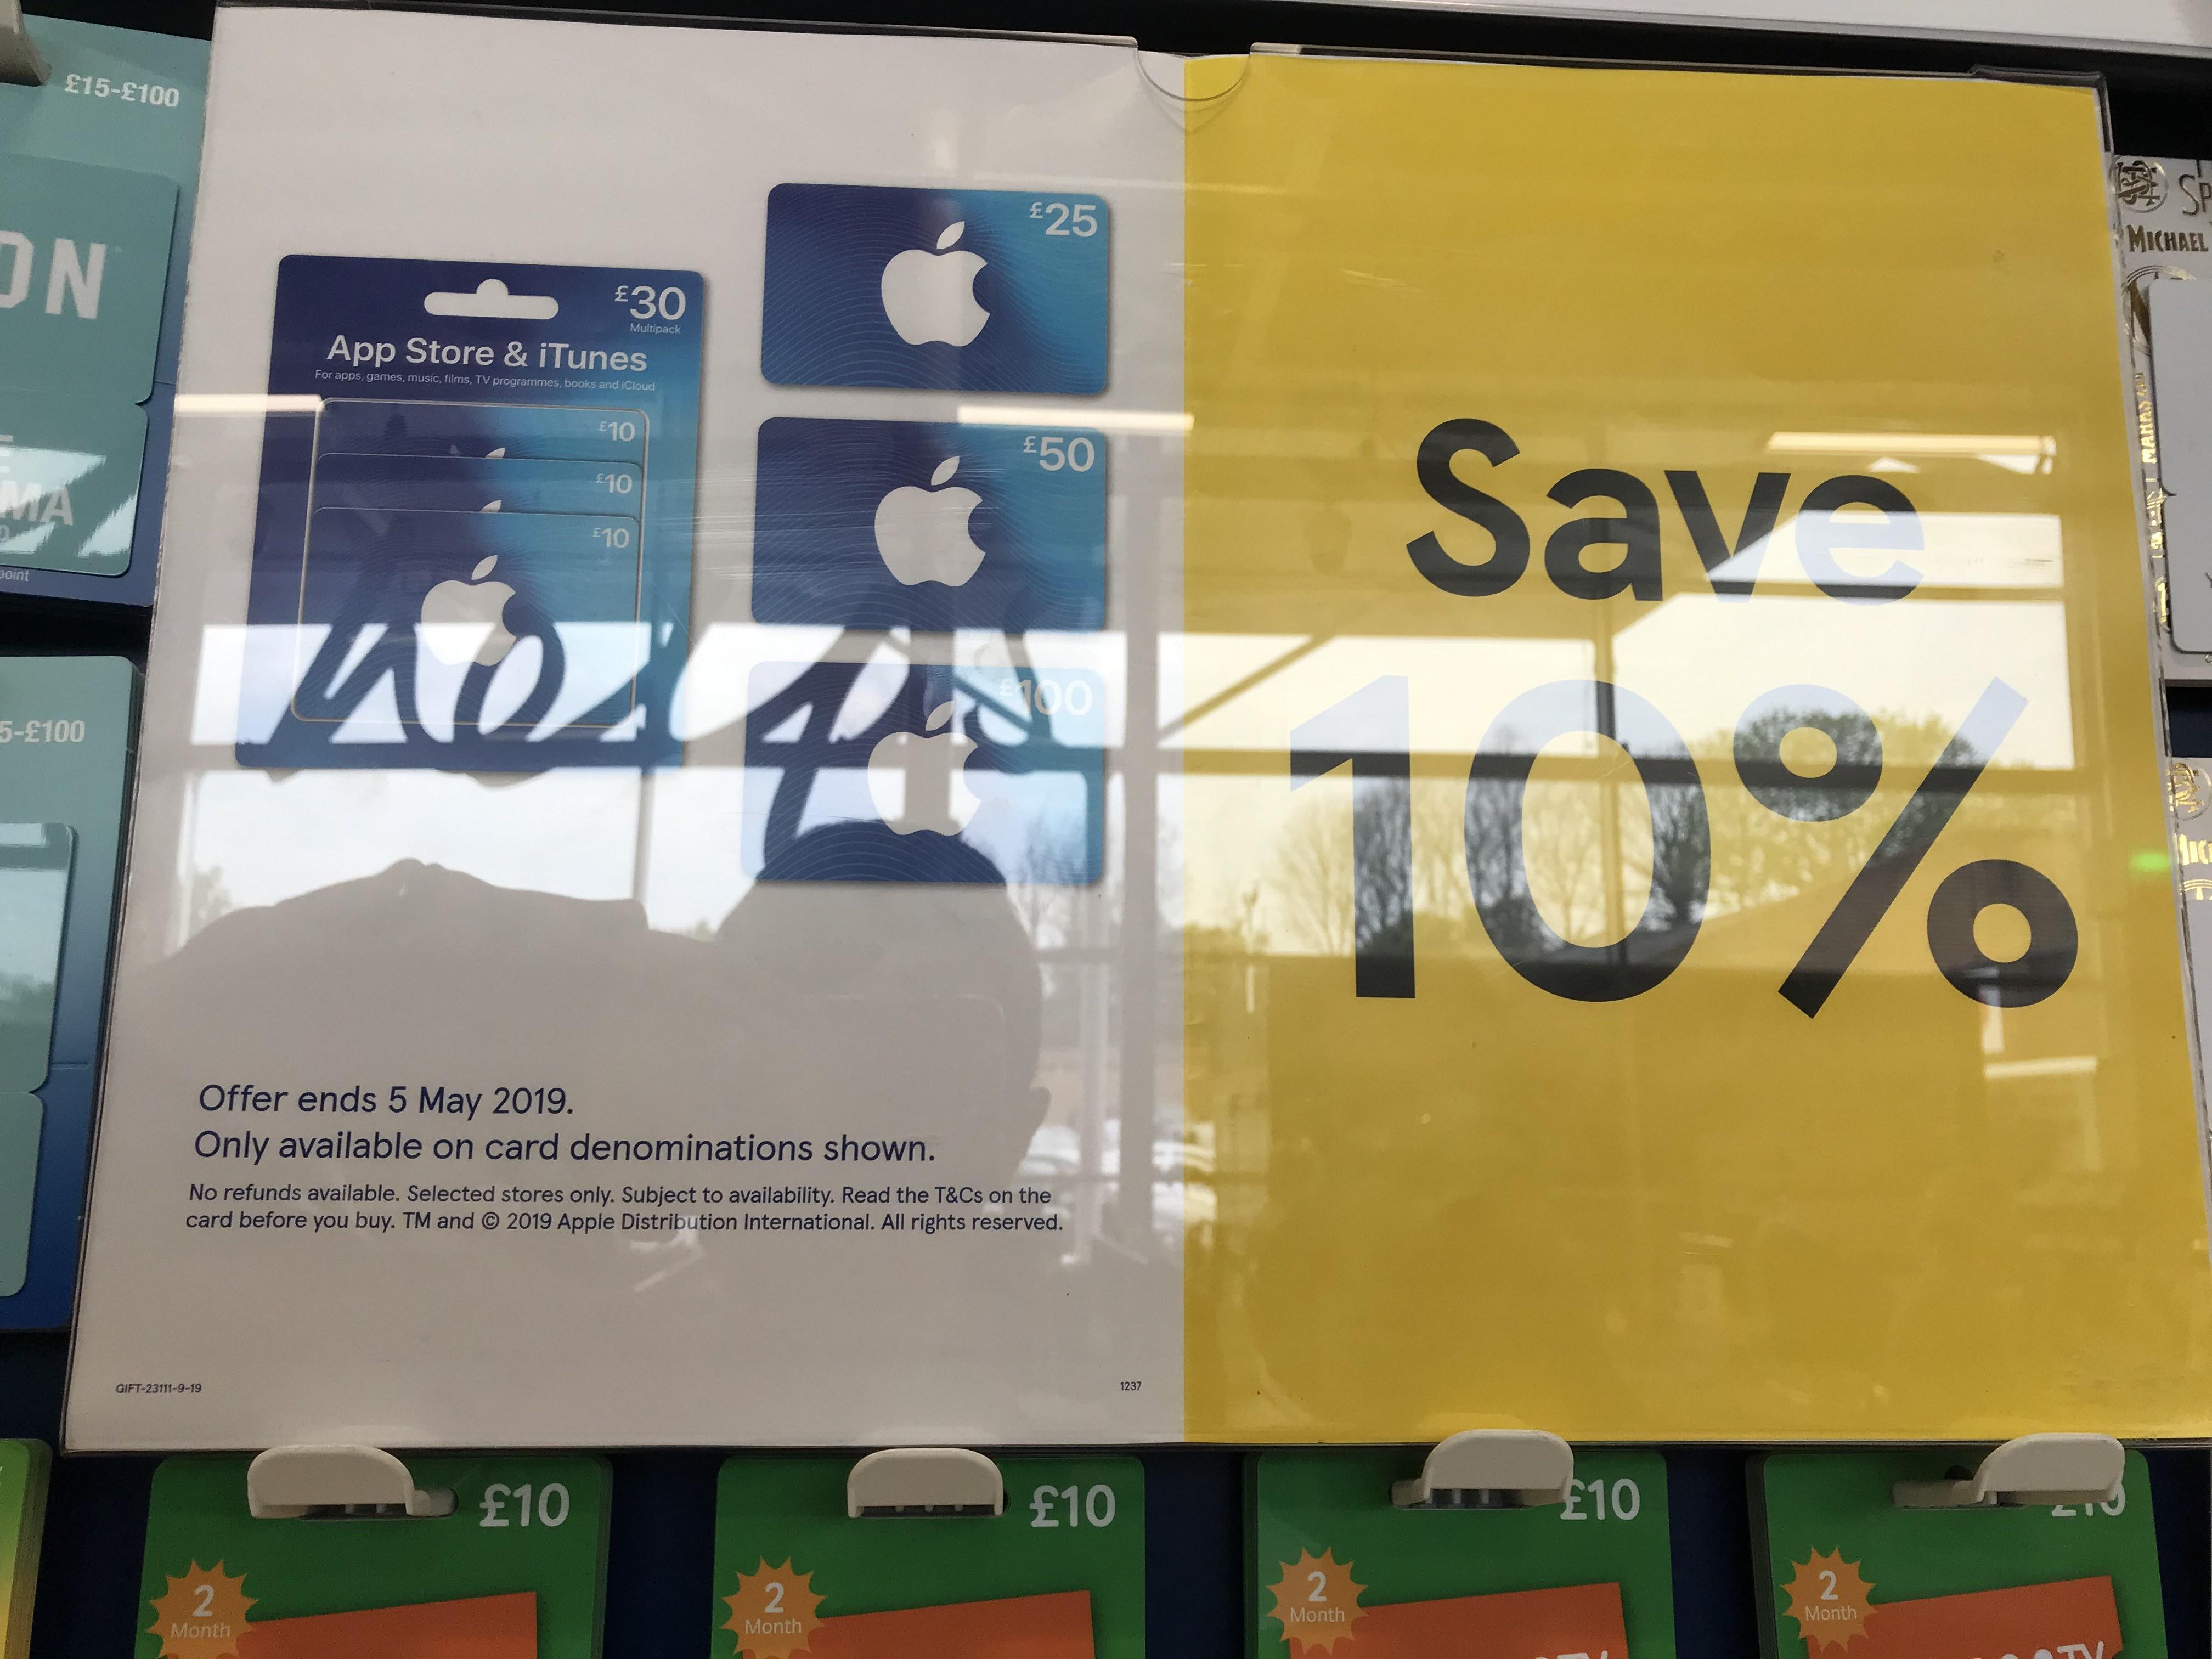 10% off iTunes / App Store vouchers in Tesco instore